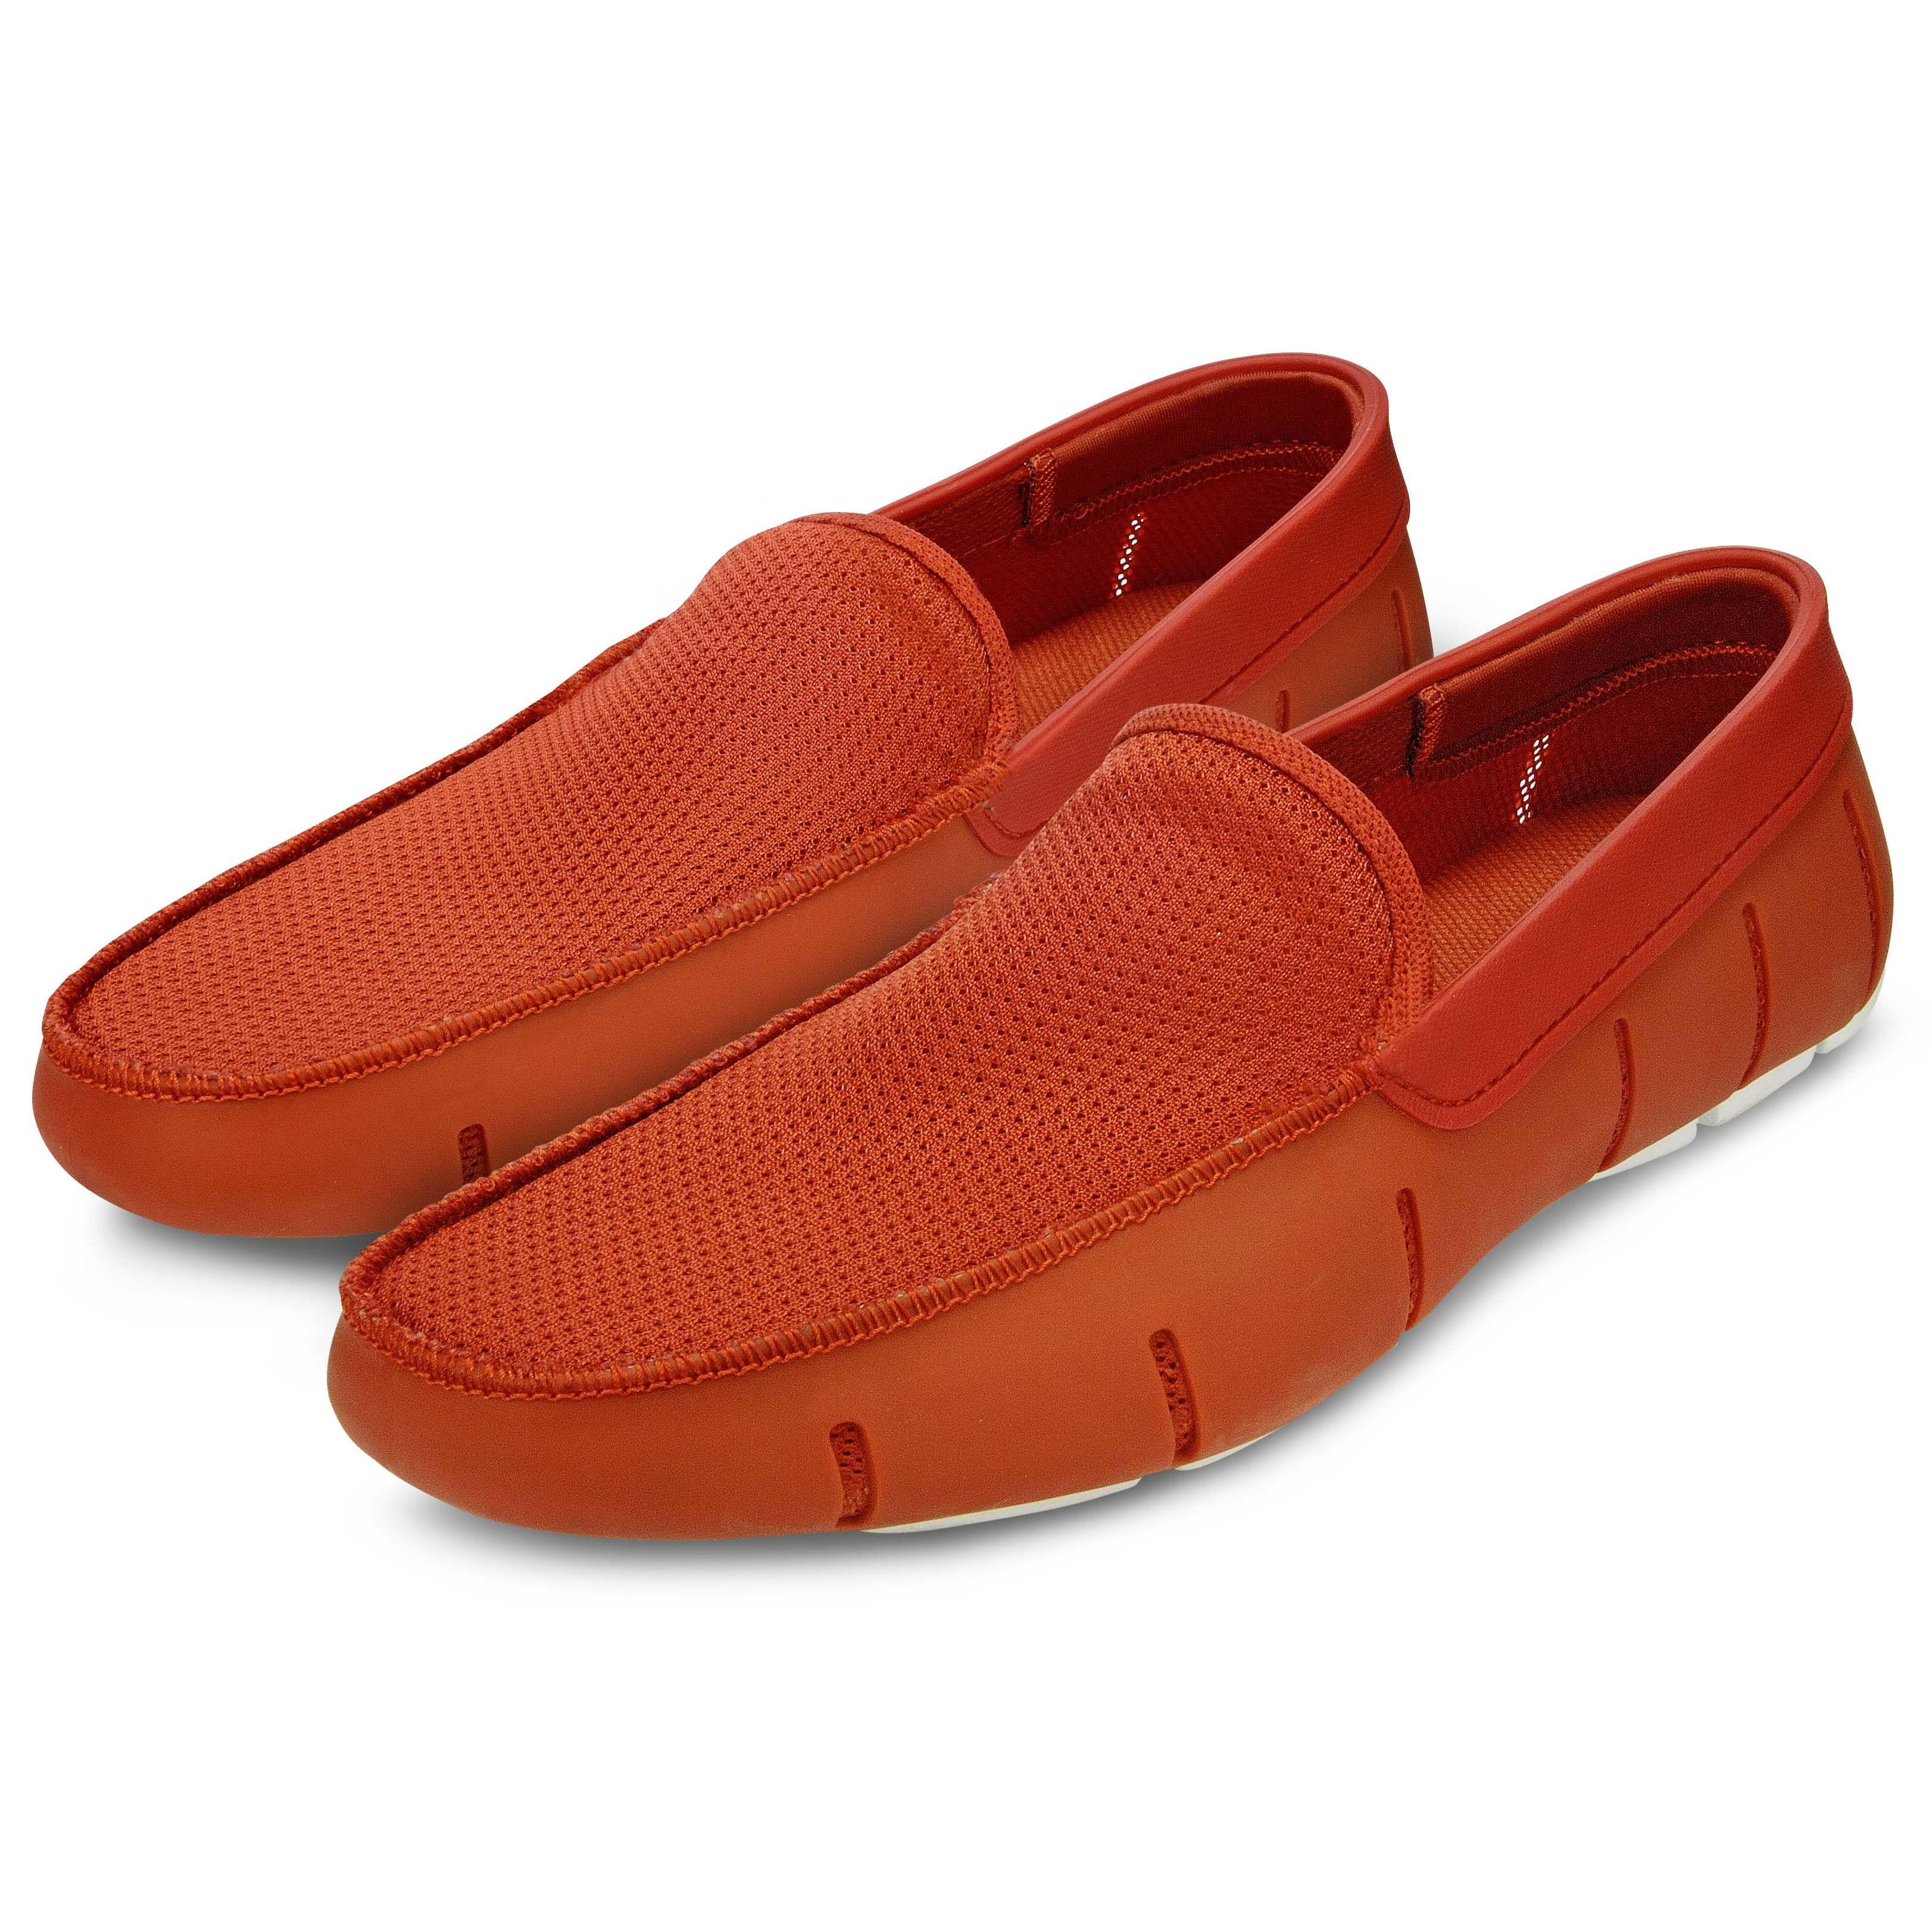 Мужская Обувь Весна